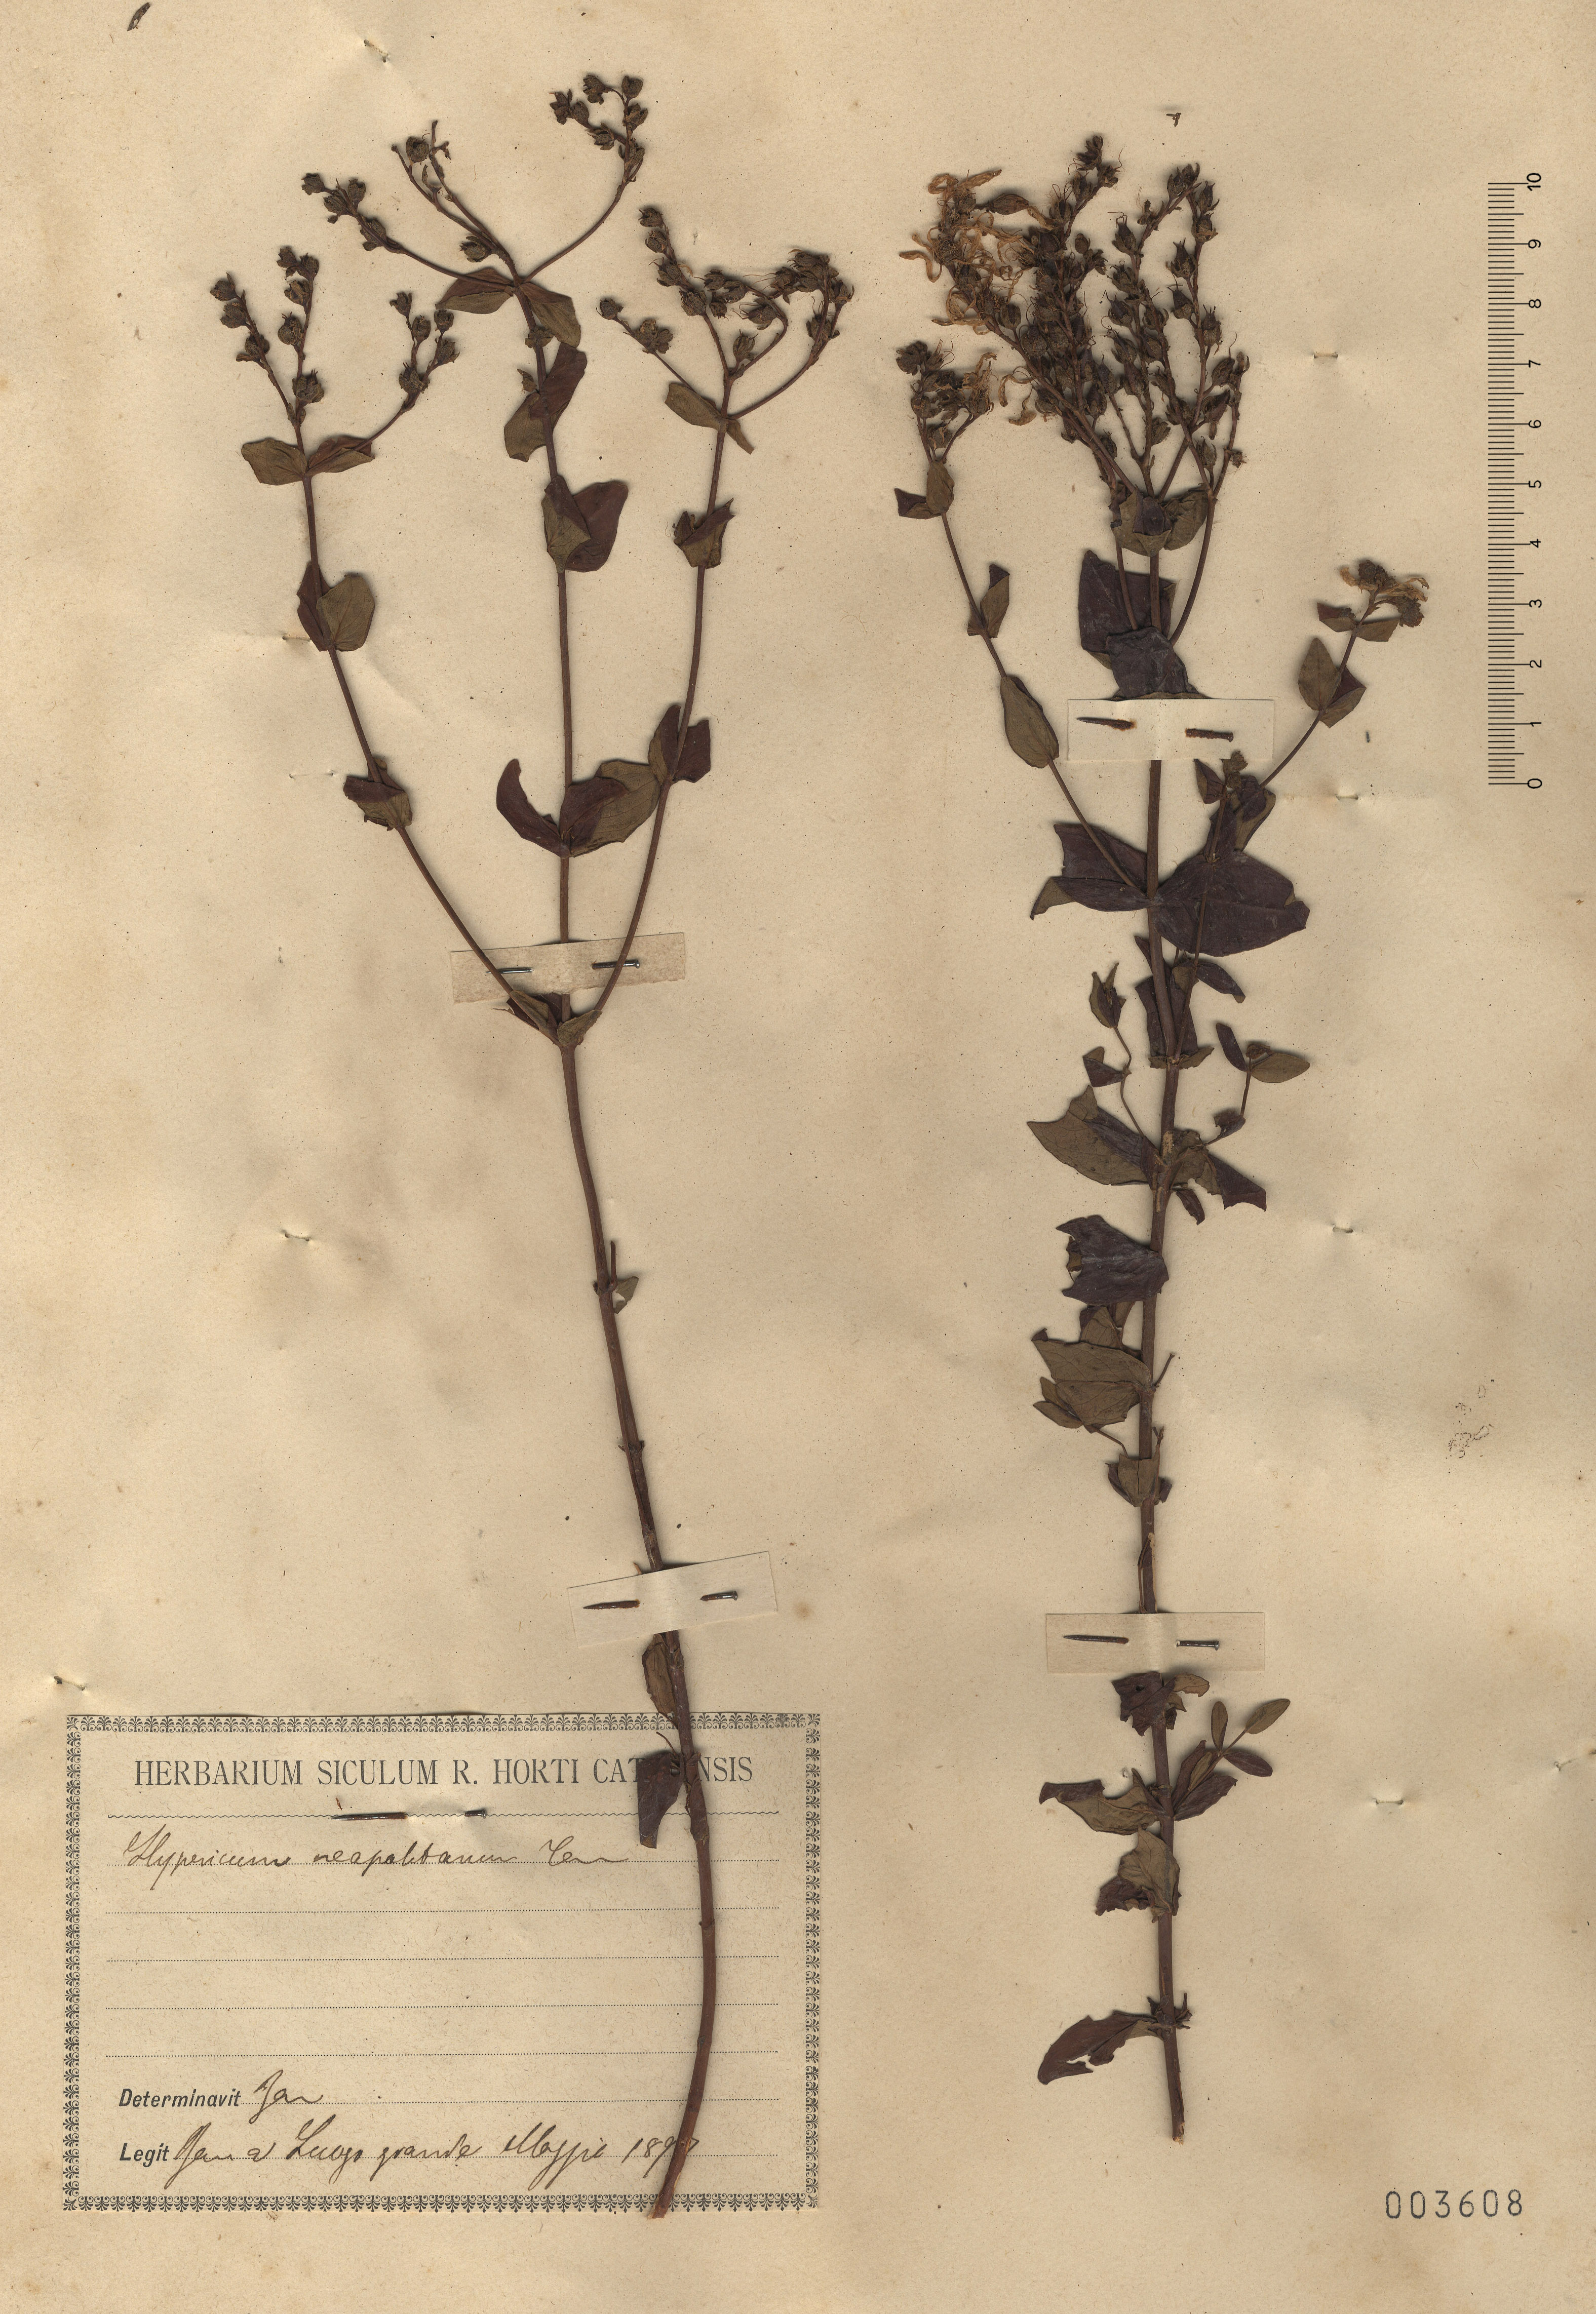 © Hortus Botanicus Catinens - Herb. sheet 003608<br>